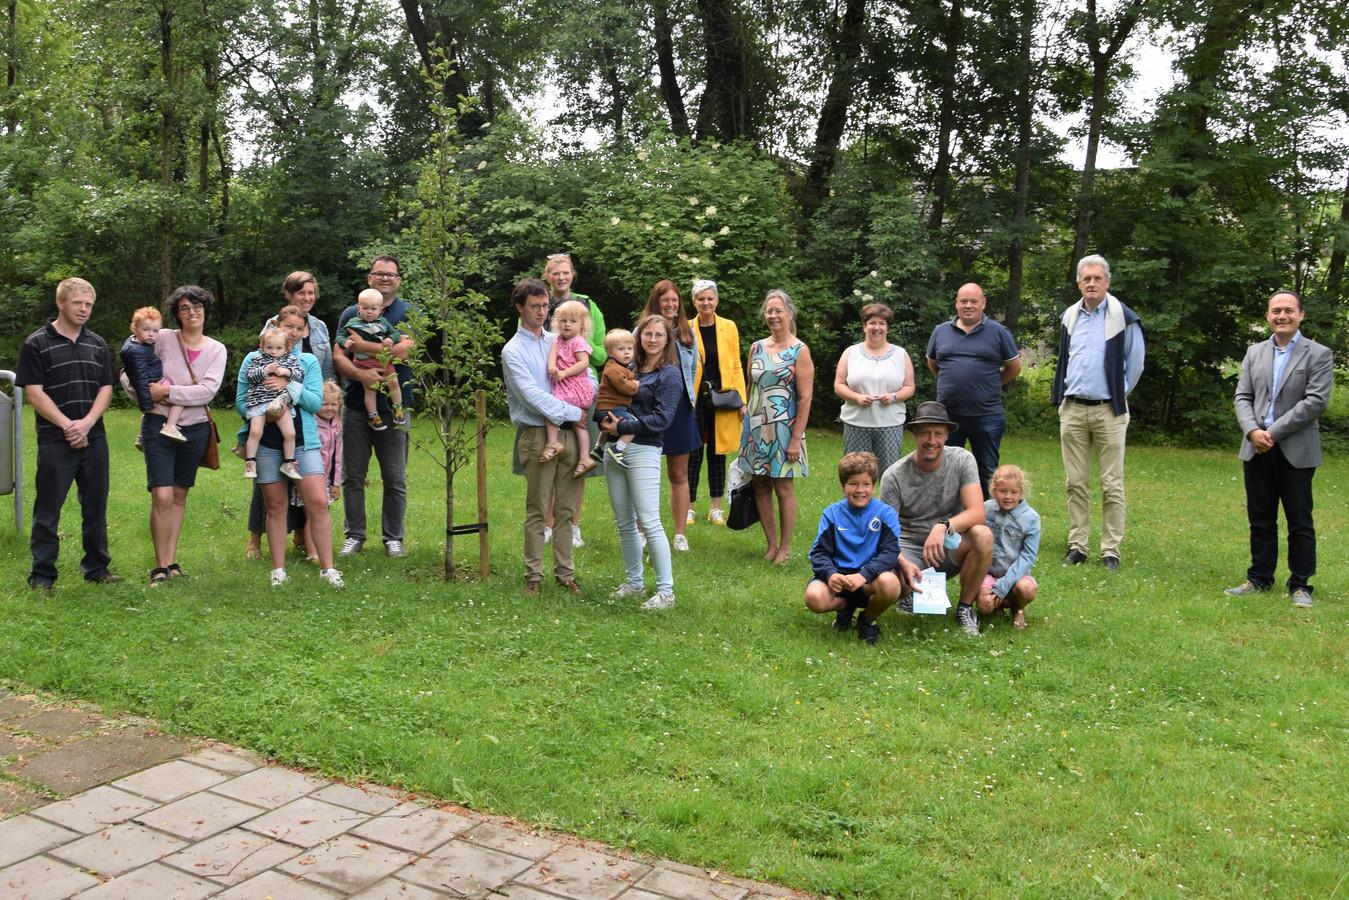 De geboorteboom in Schuiferskapelle werd aangeplant in aanwezigheid van de ouders, de leden van de Gezinsbond en enkele afgevaardigden van het schepencollege.